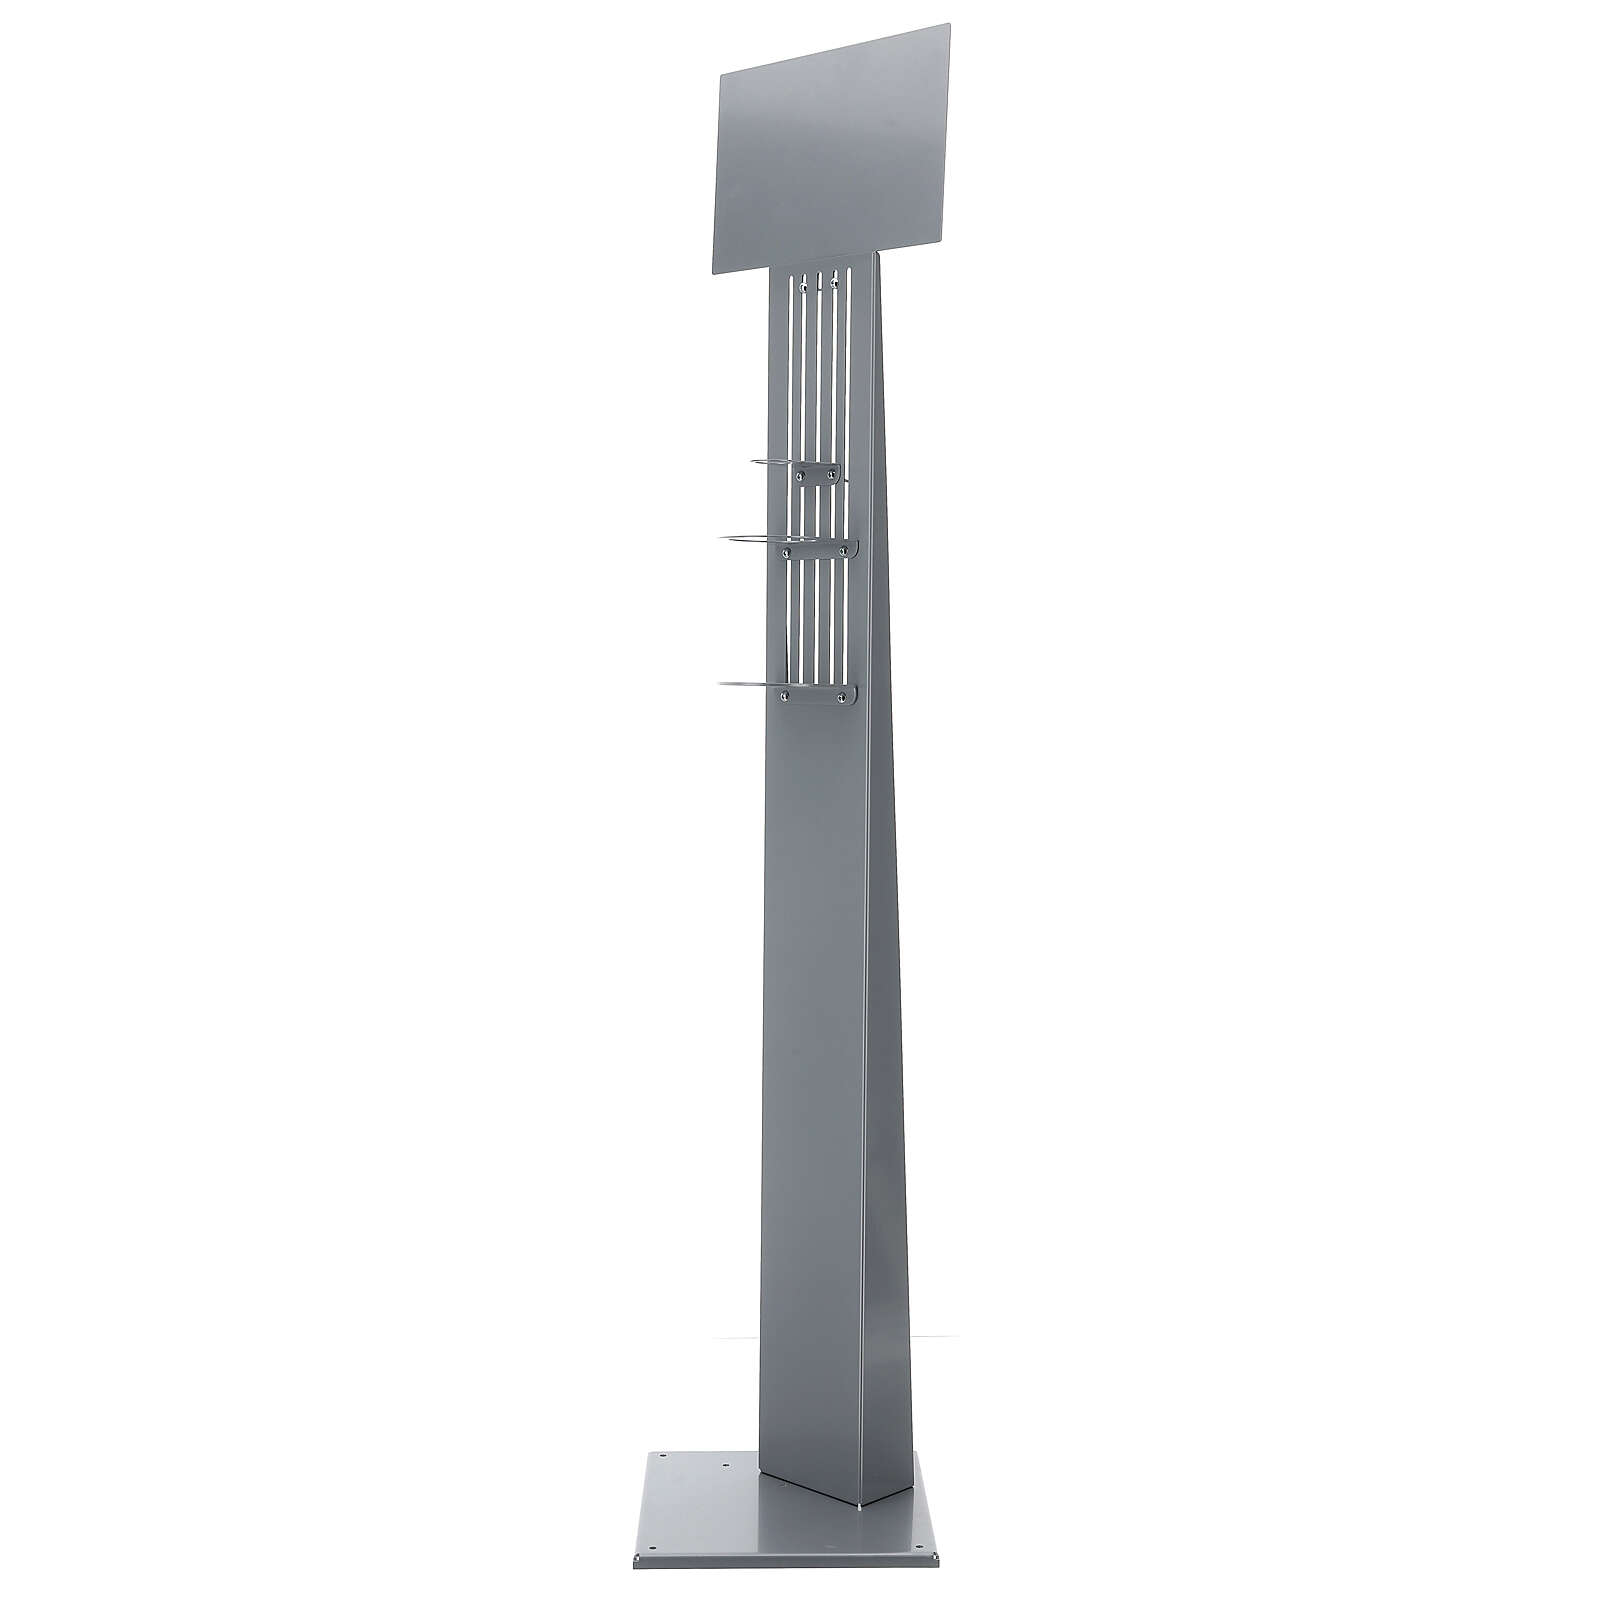 Coluna estação de desinfeção em metal regulável para distribuidor de gel desinfetante para mãos EXTERIOR 3